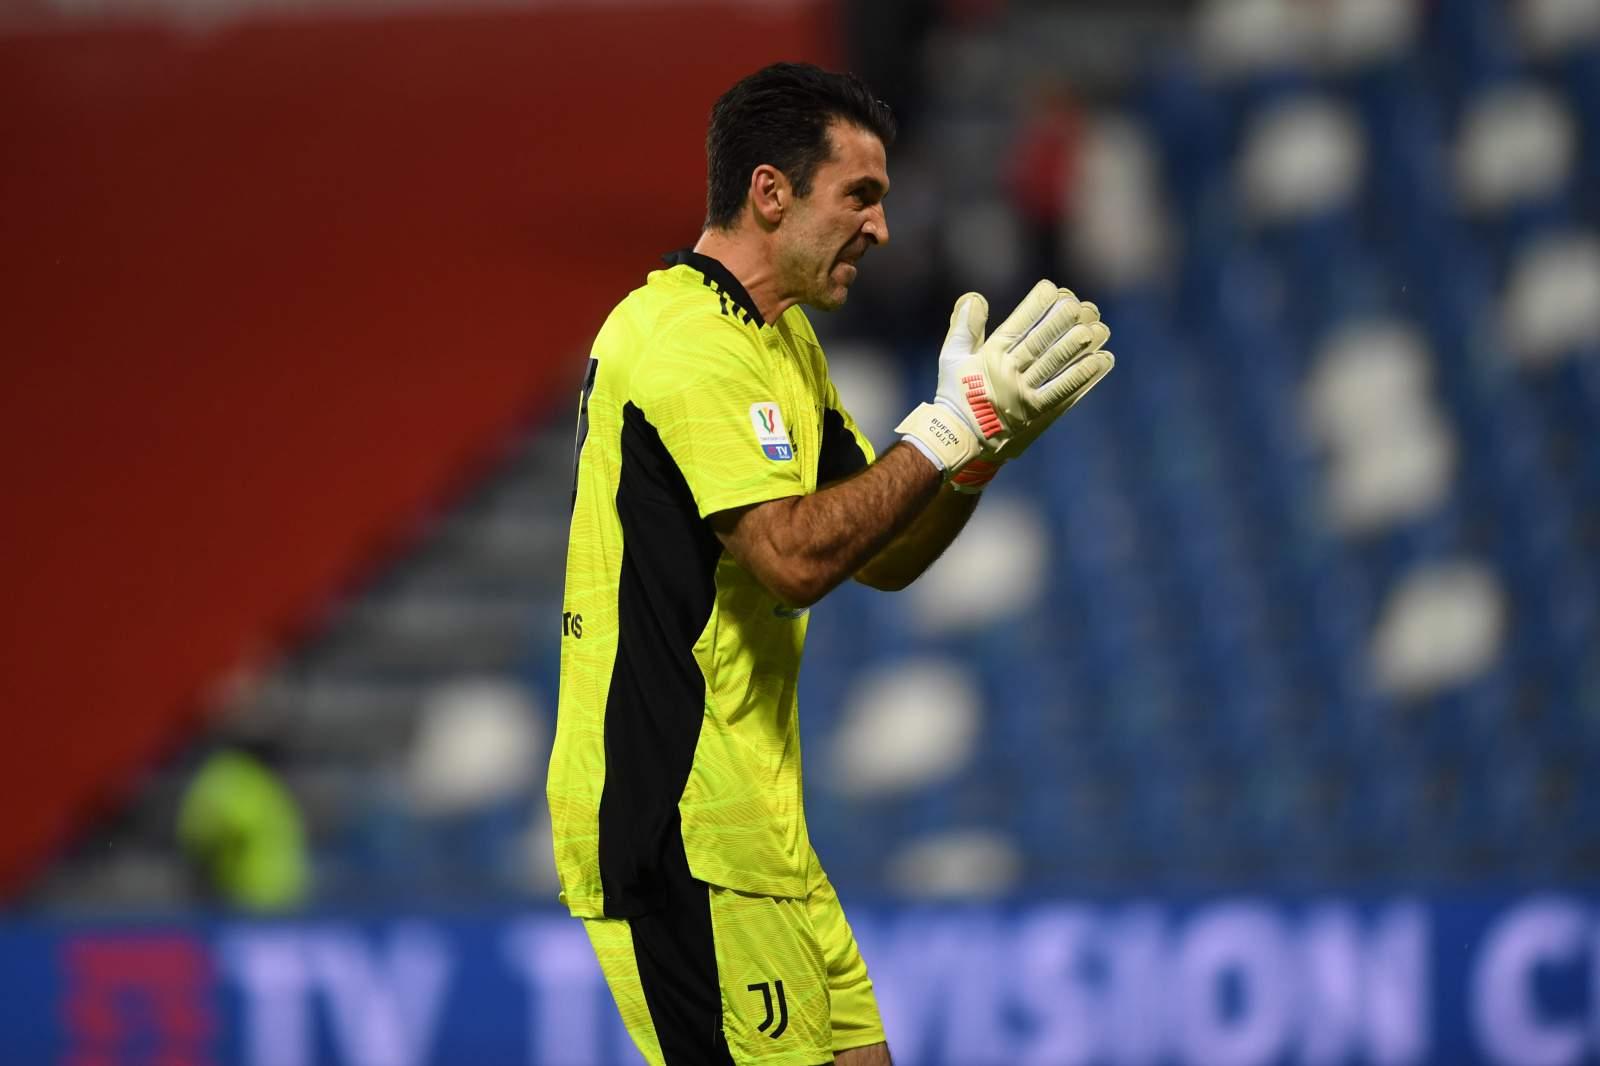 «7339 дней спустя»: Буффон сыграл первый матч за «Парму» после возвращения